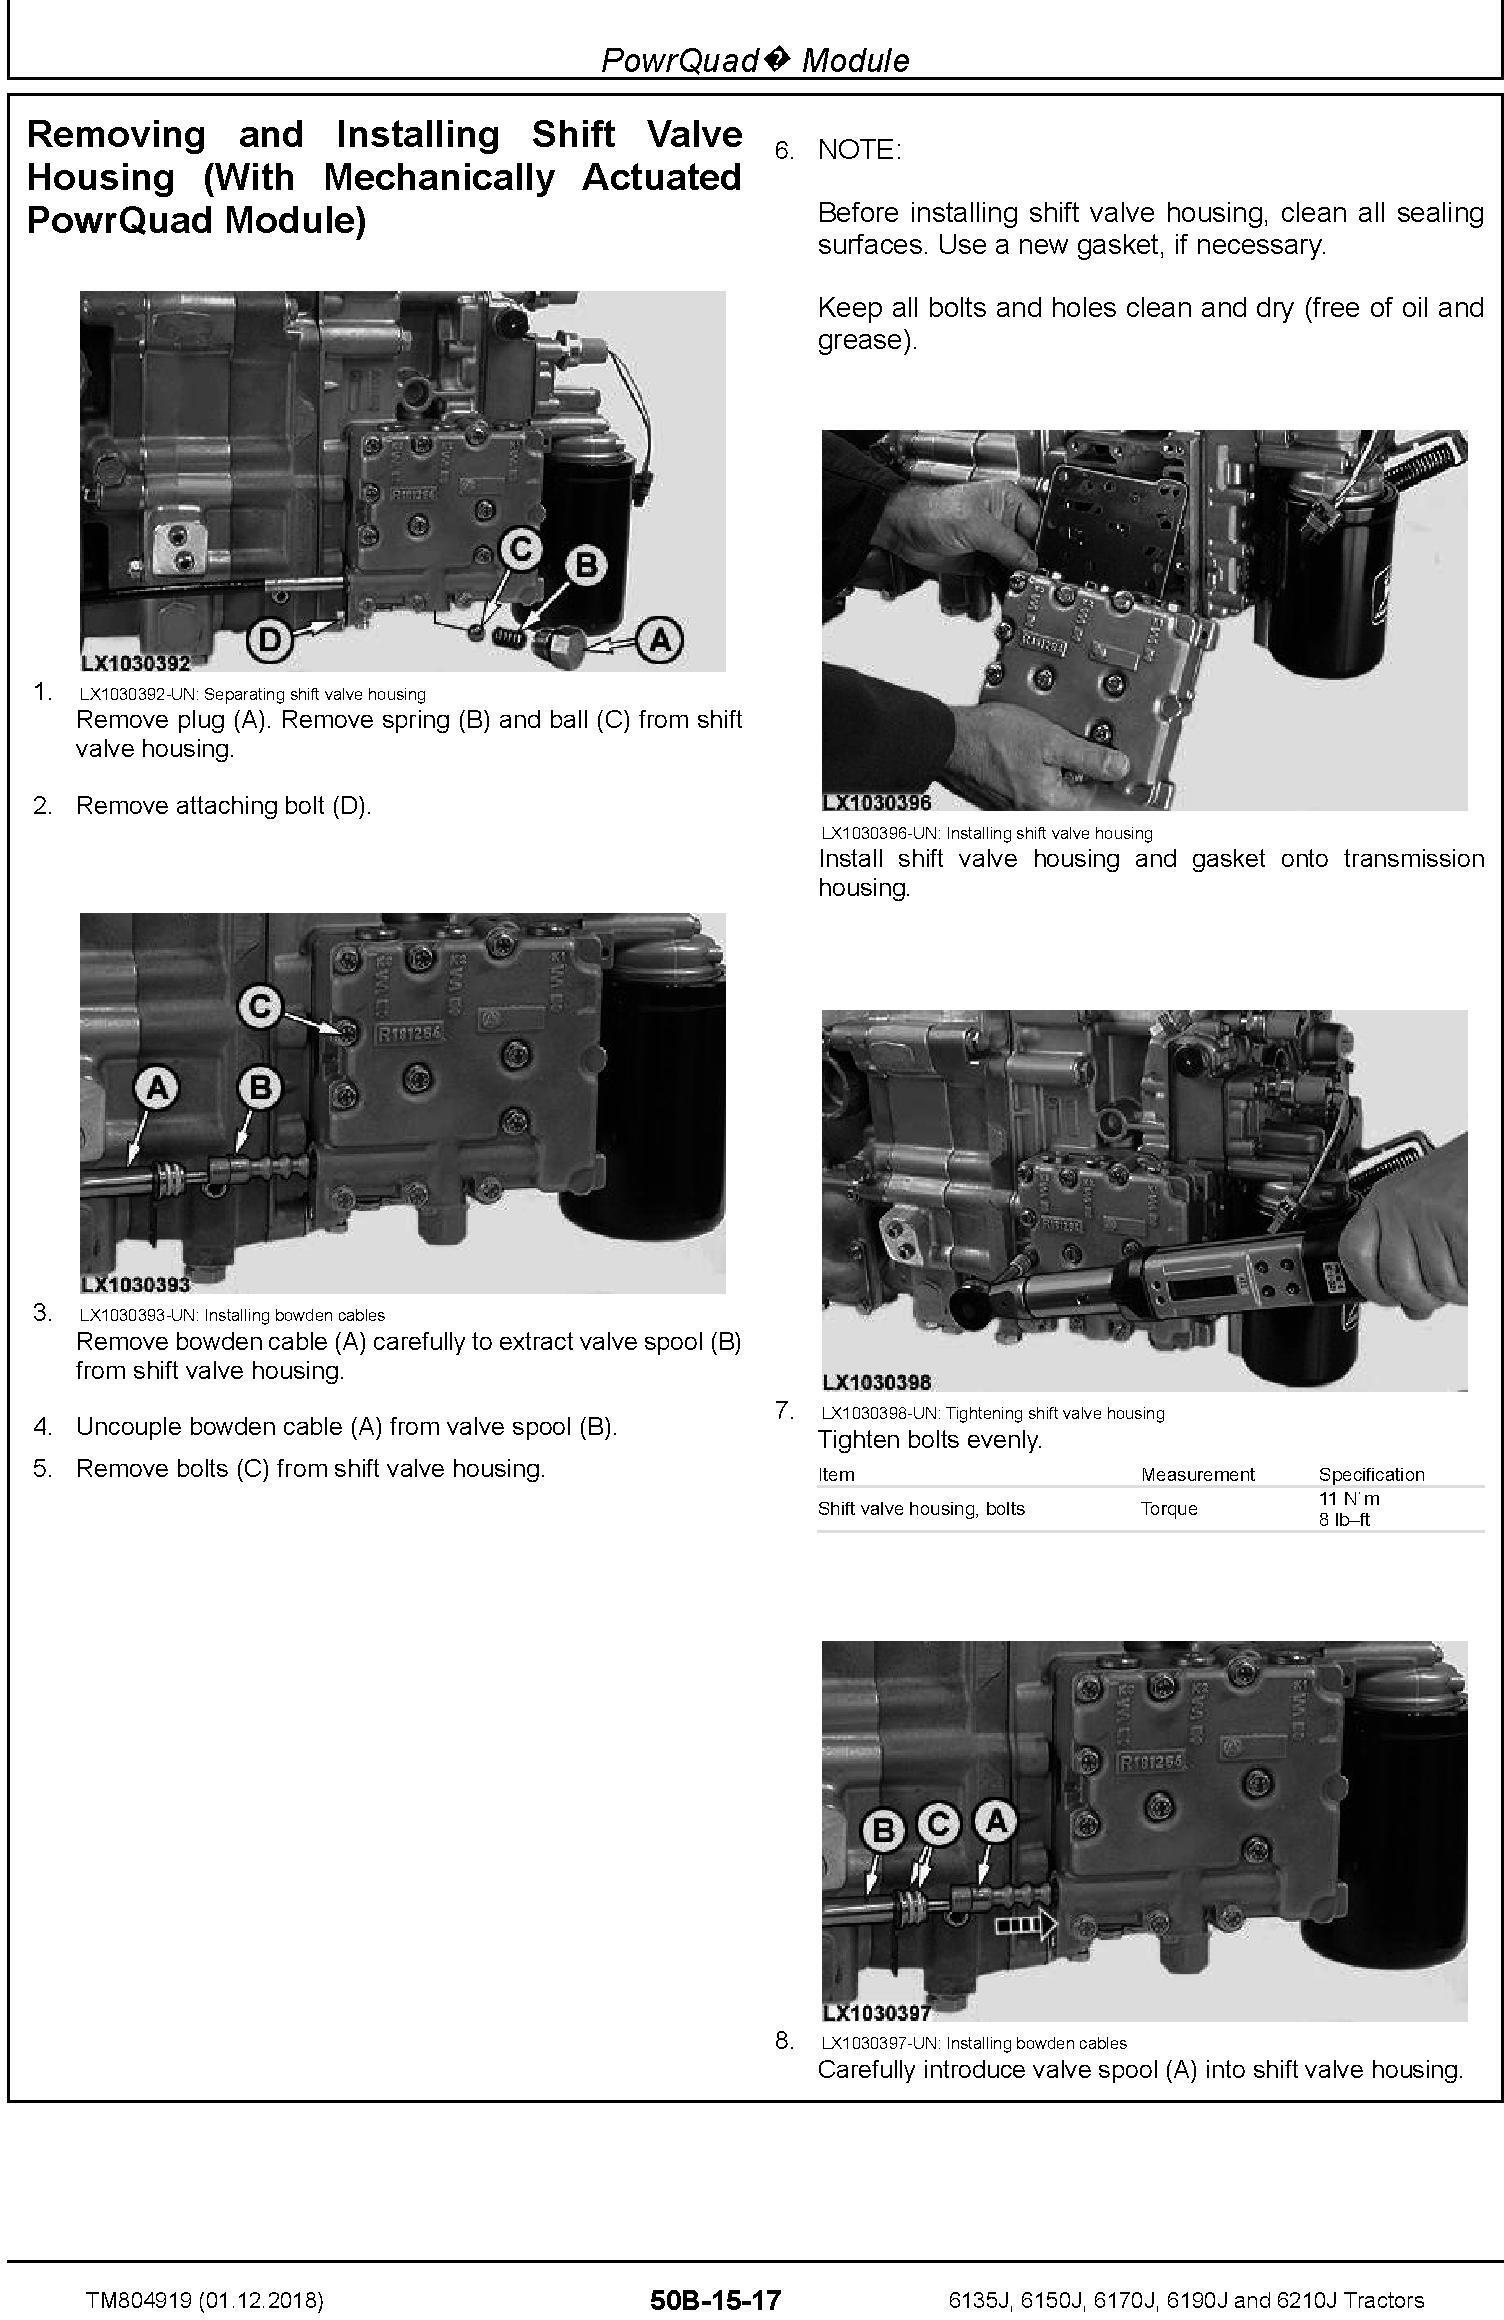 John Deere 6135J, 6150J, 6170J, 6190J and 6210J Tractors Service Repair Technical Manual (TM804919) - 2